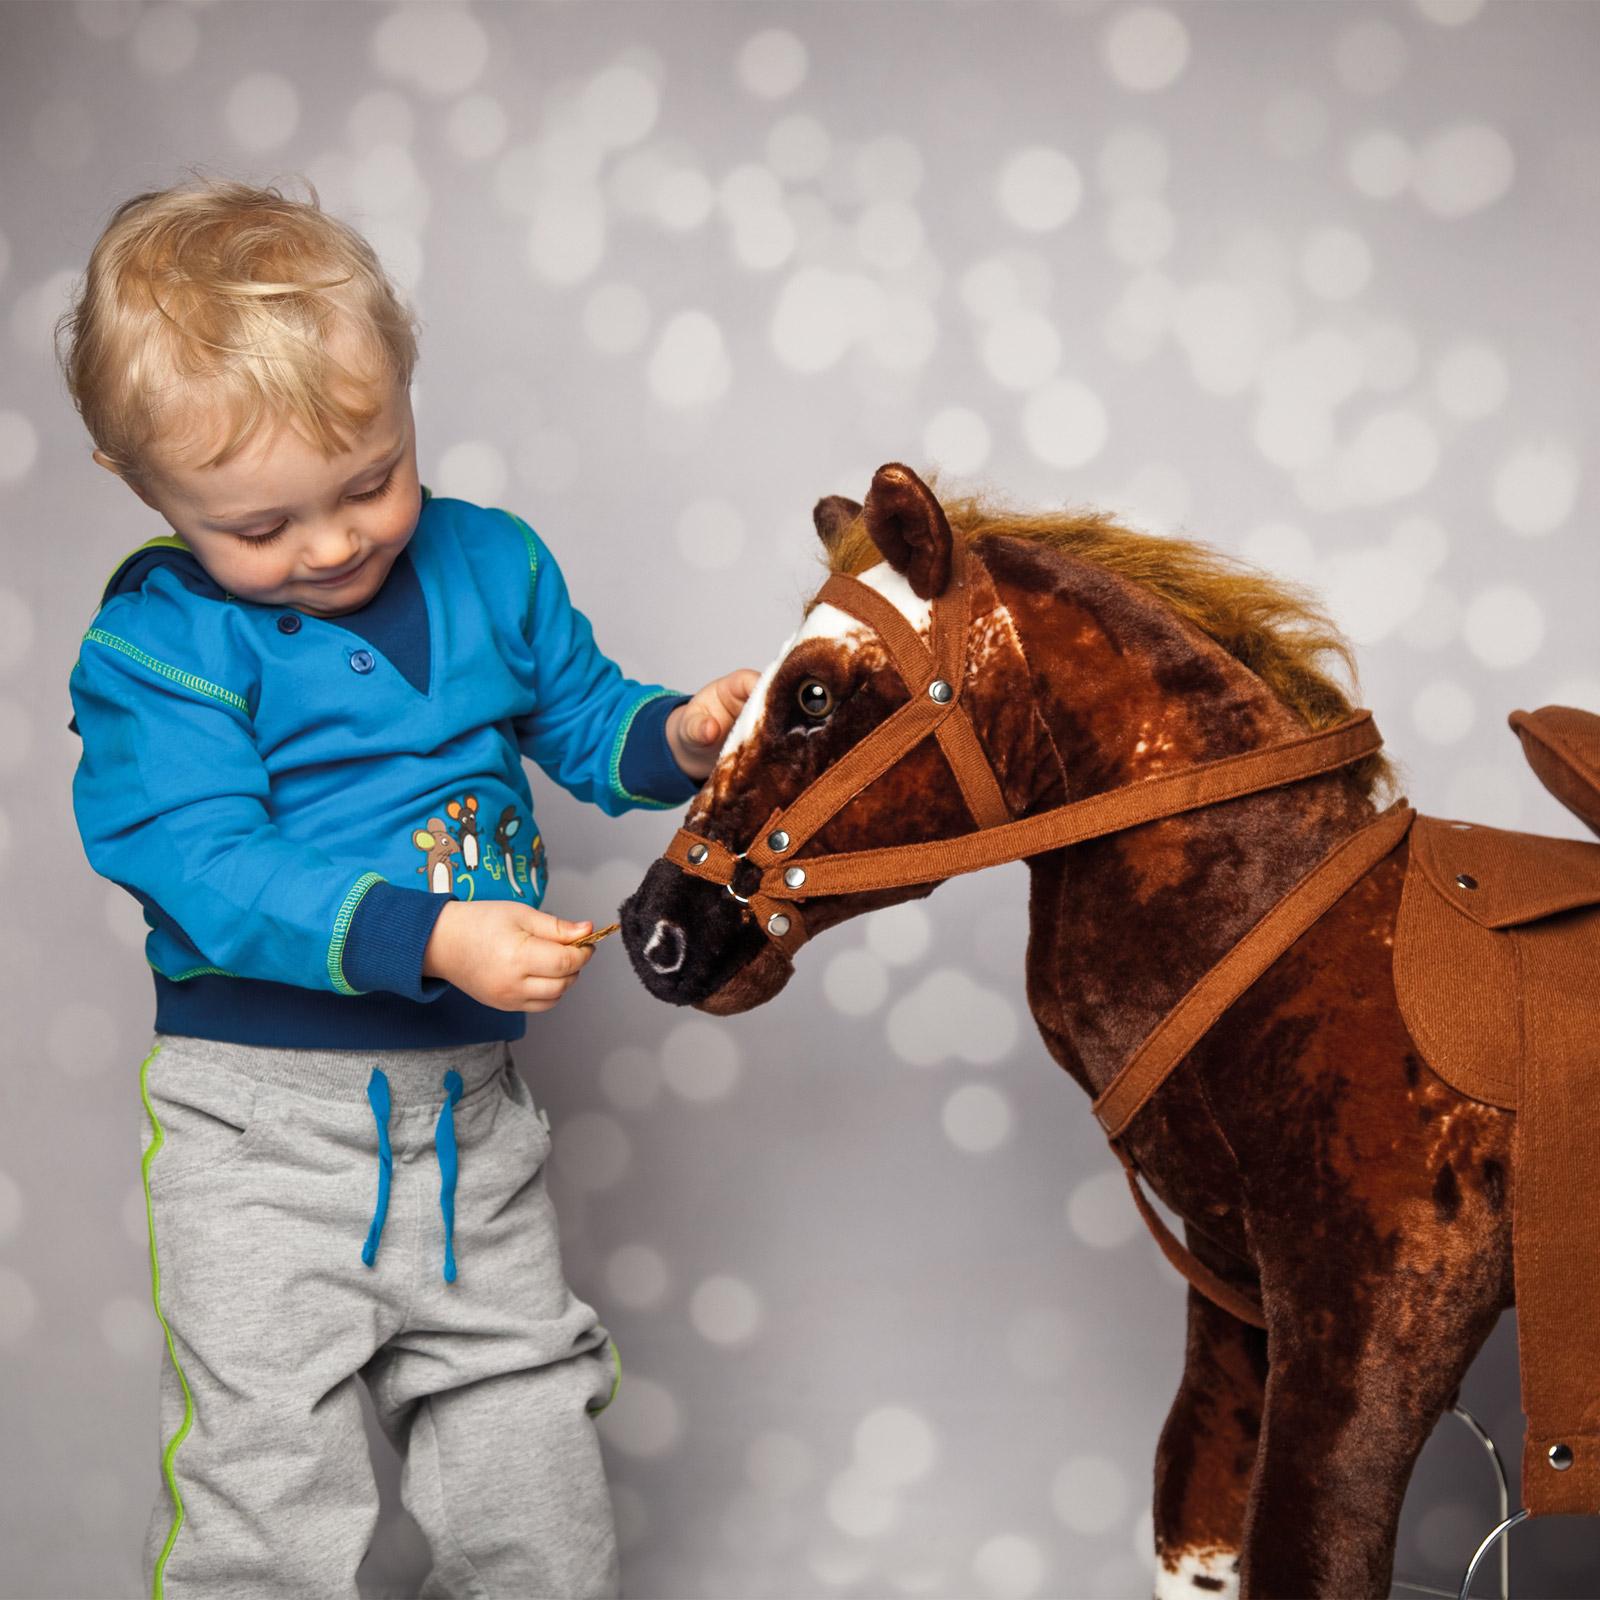 Happy People 58937 Plüschpferd Cowboypferd mit Sound stehend